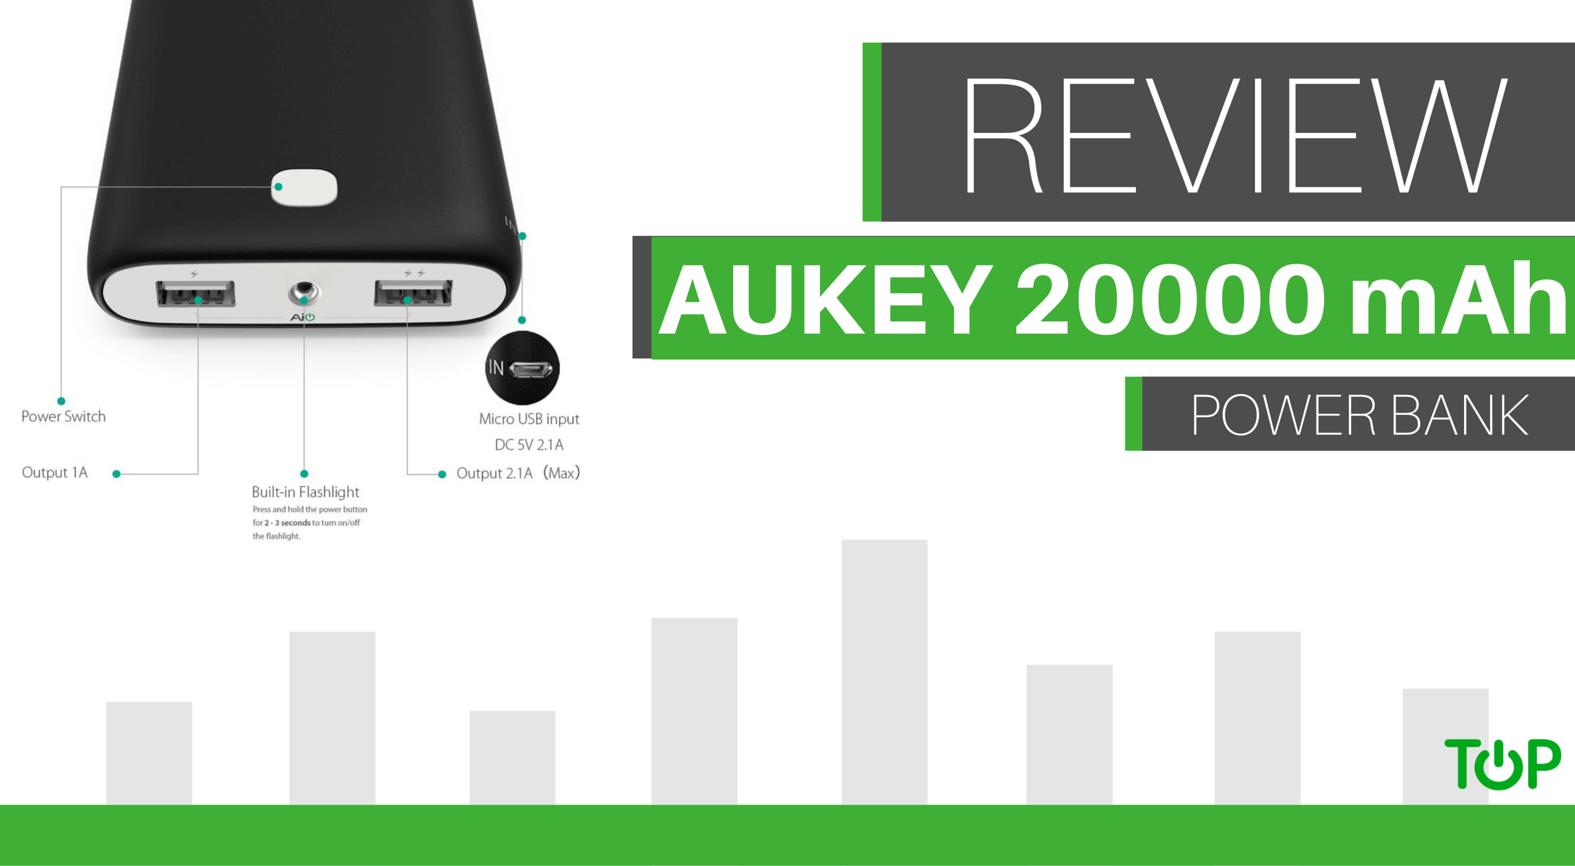 Análisis del Power Bank de 20000 mAh de Aukey